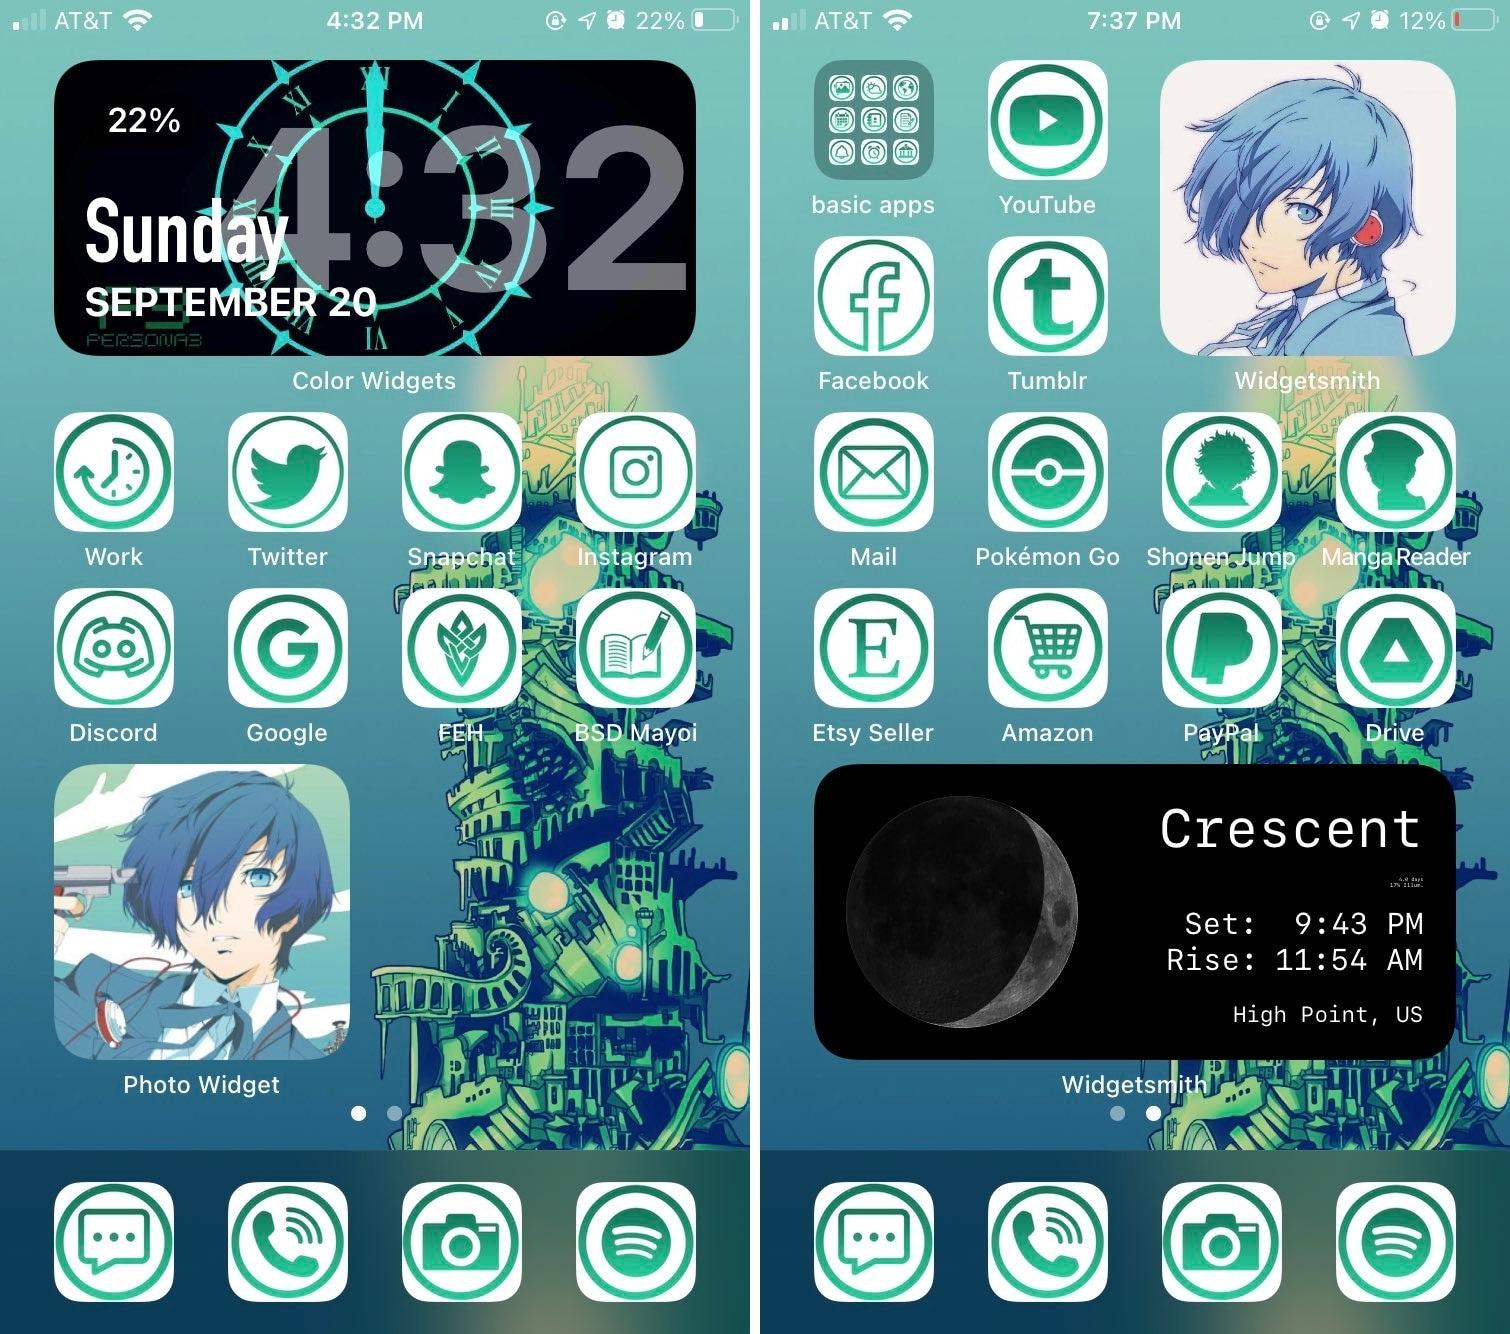 detectiveprince iOS 14 Home Screen